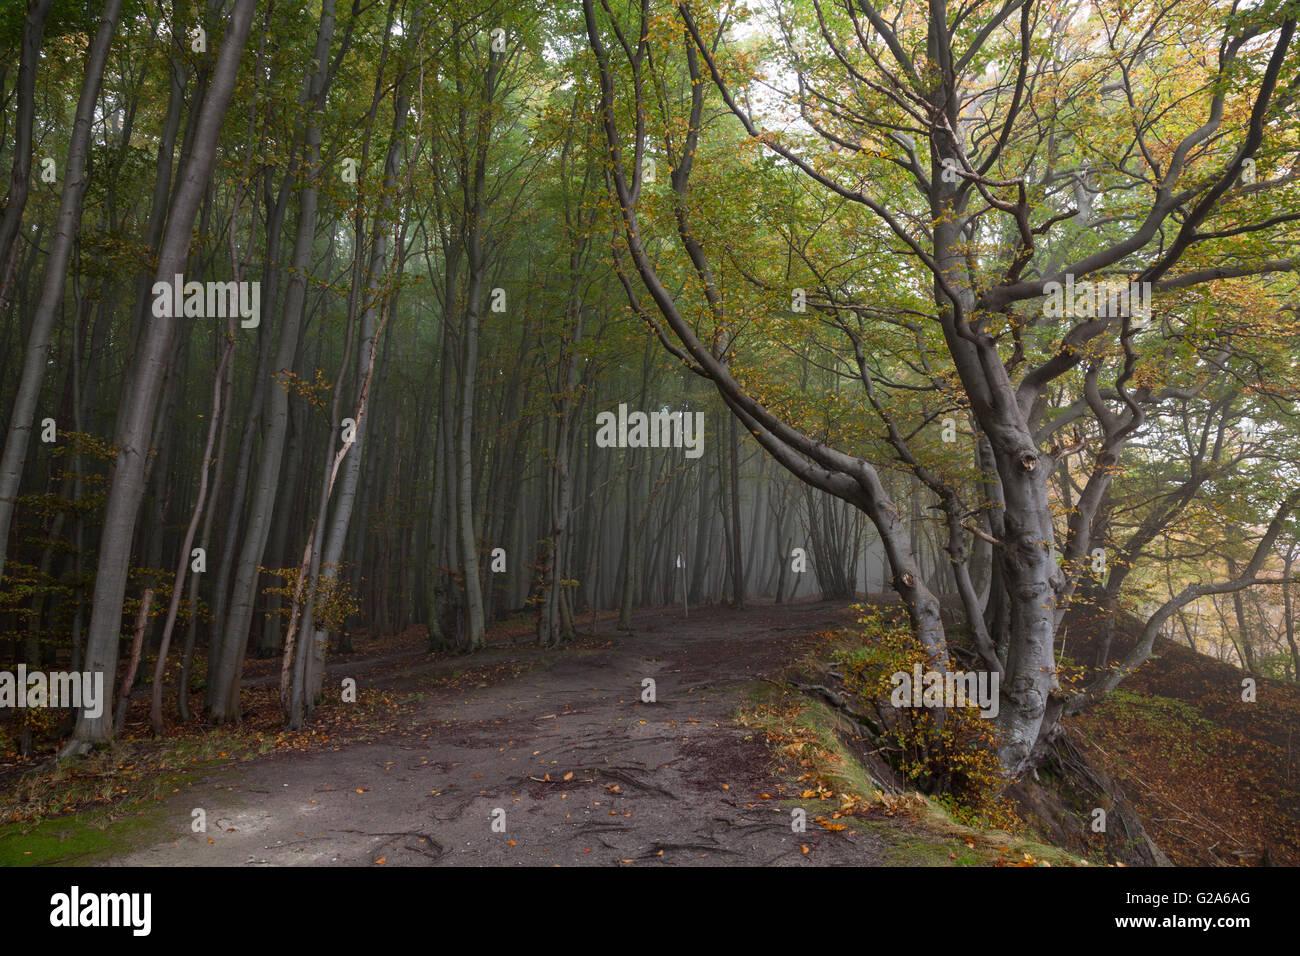 Path through the beech forest, Jasmund National Park, Rügen, Mecklenburg-Vorpommern, Germany Stock Photo